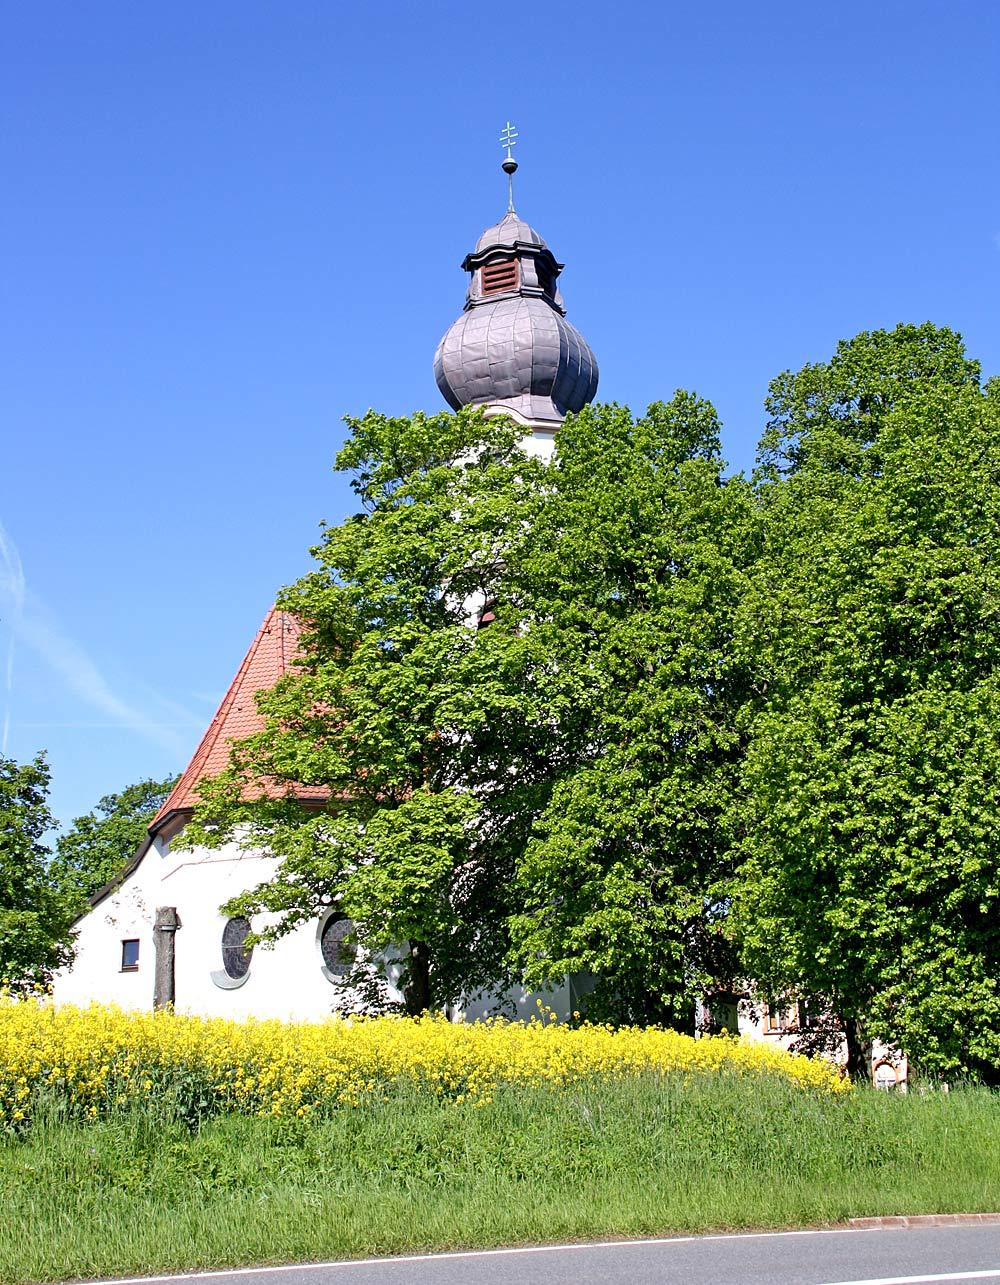 Katholische Pfarrkirche am Ortseingang von Schönwald in Bayern